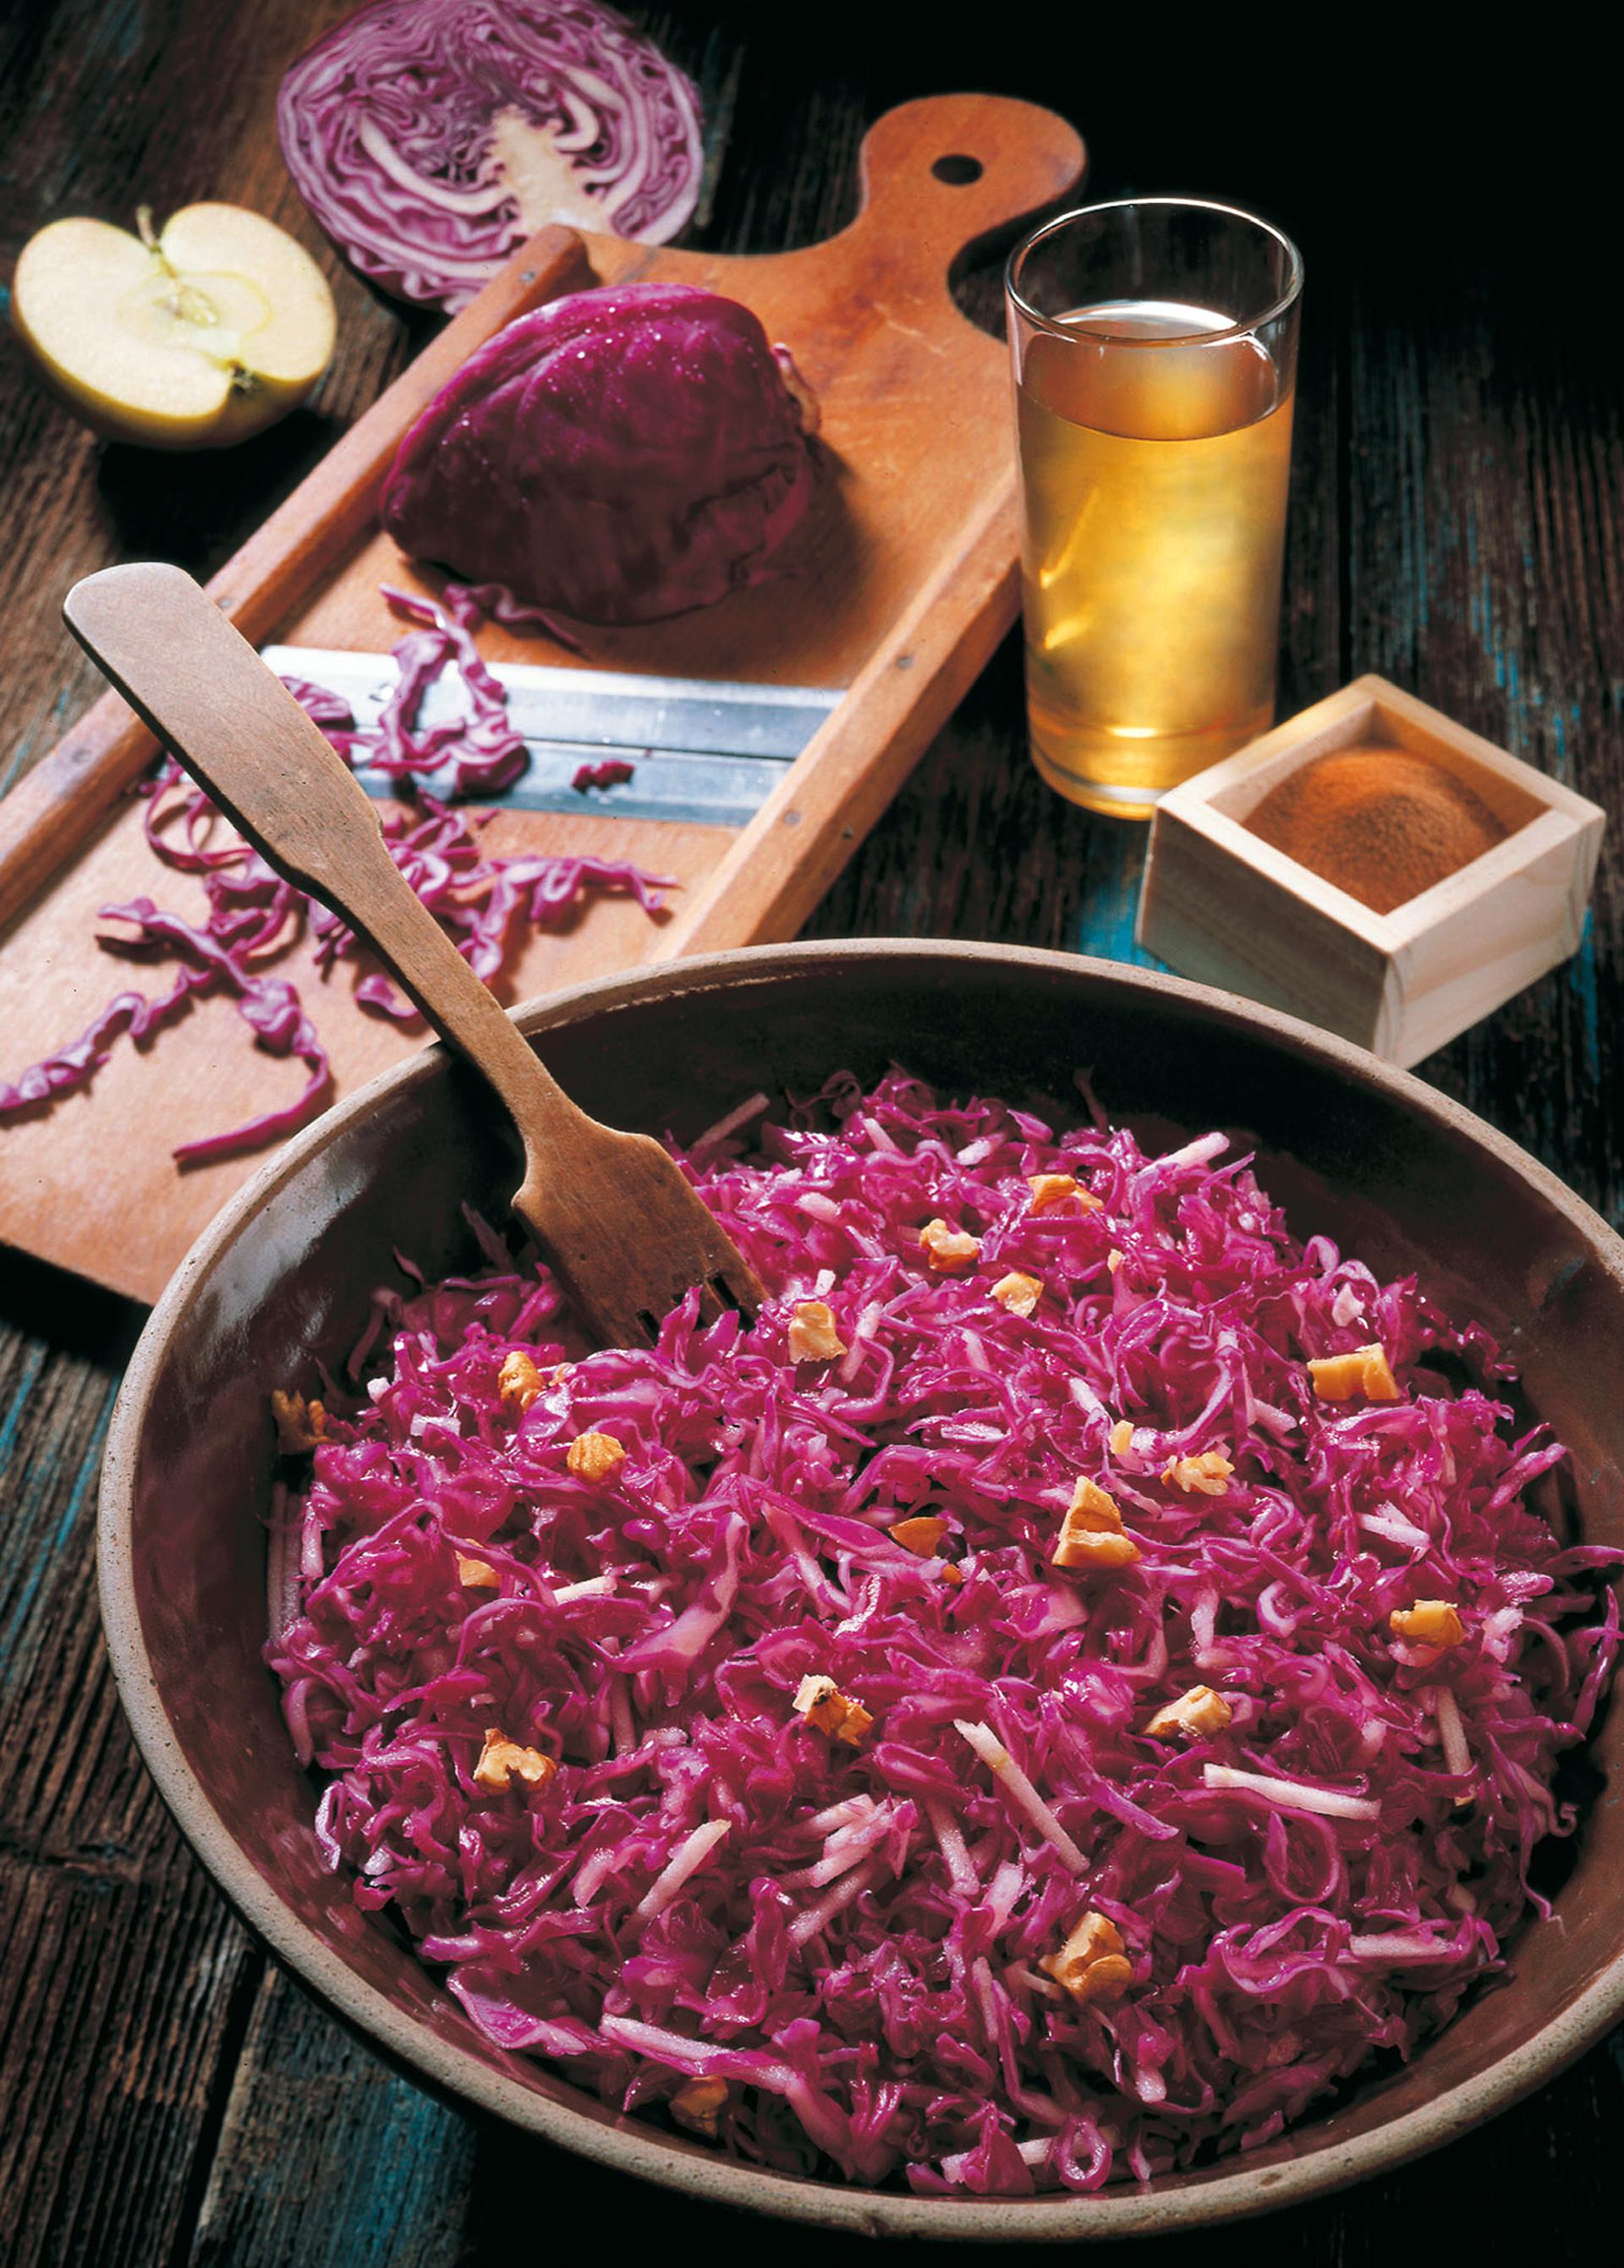 Lecker und gesund: Rotkrautsalat mit Nüssen